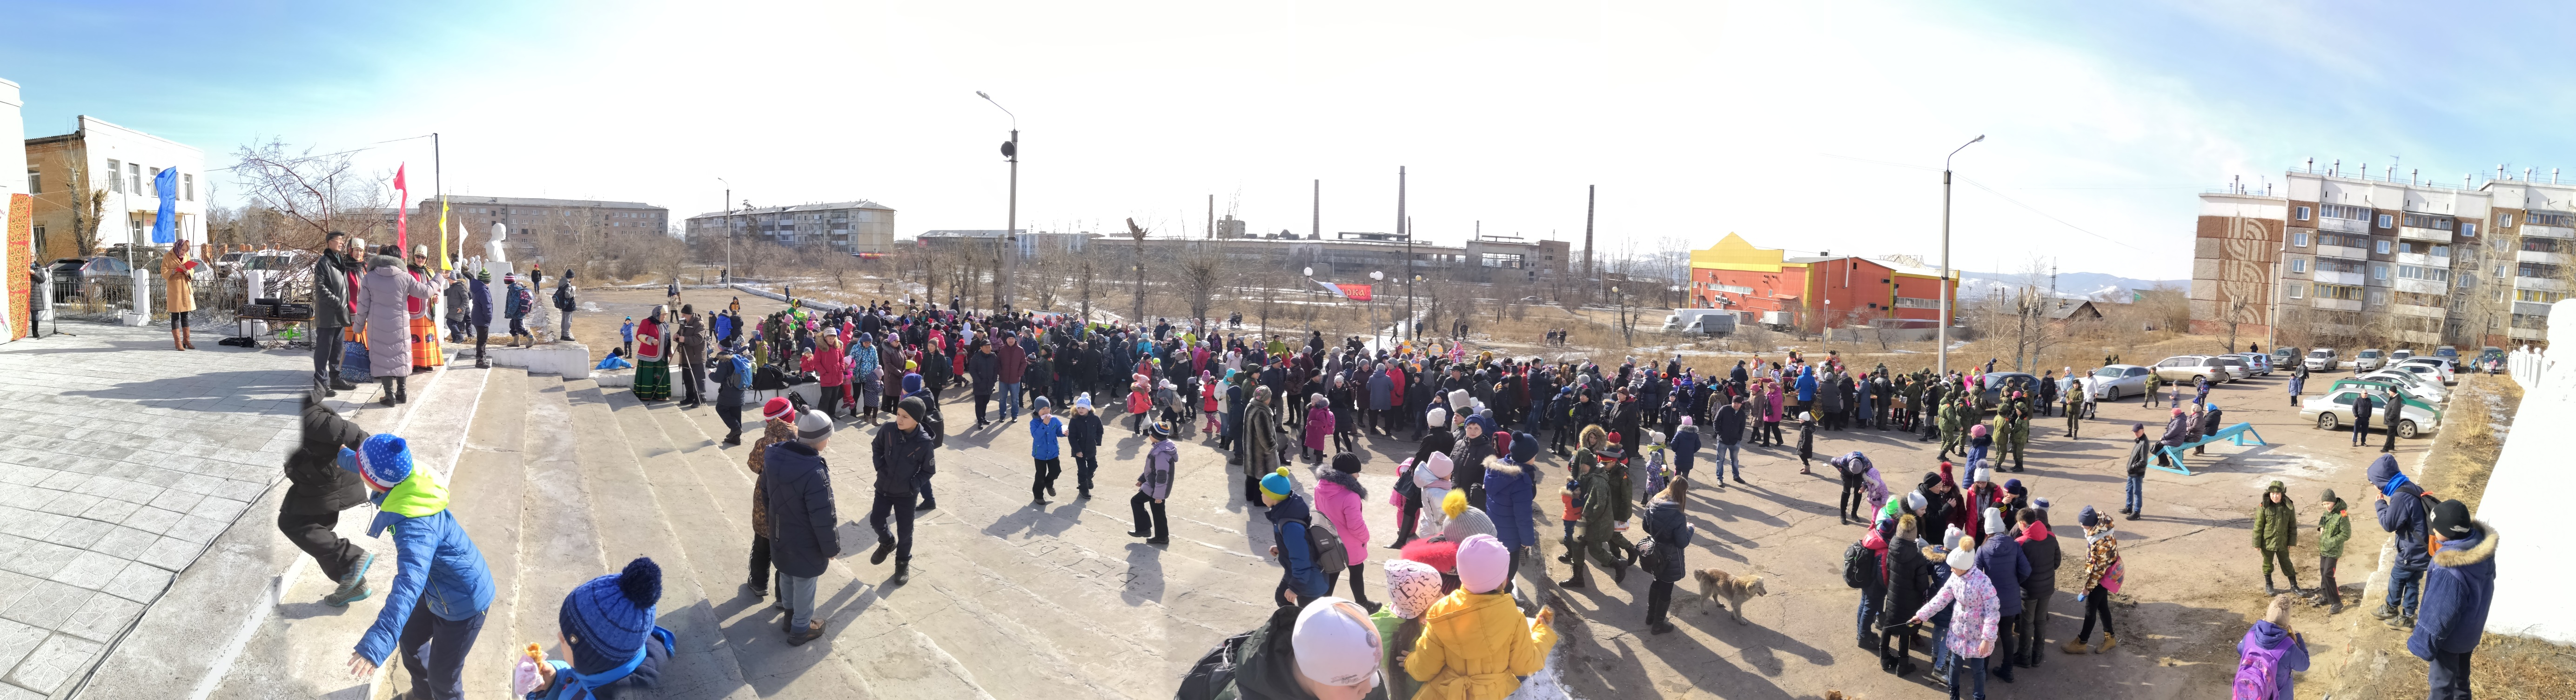 Традиционное народное гуляние Масленица – 2019 в сквере мкр. Стеклозавод.